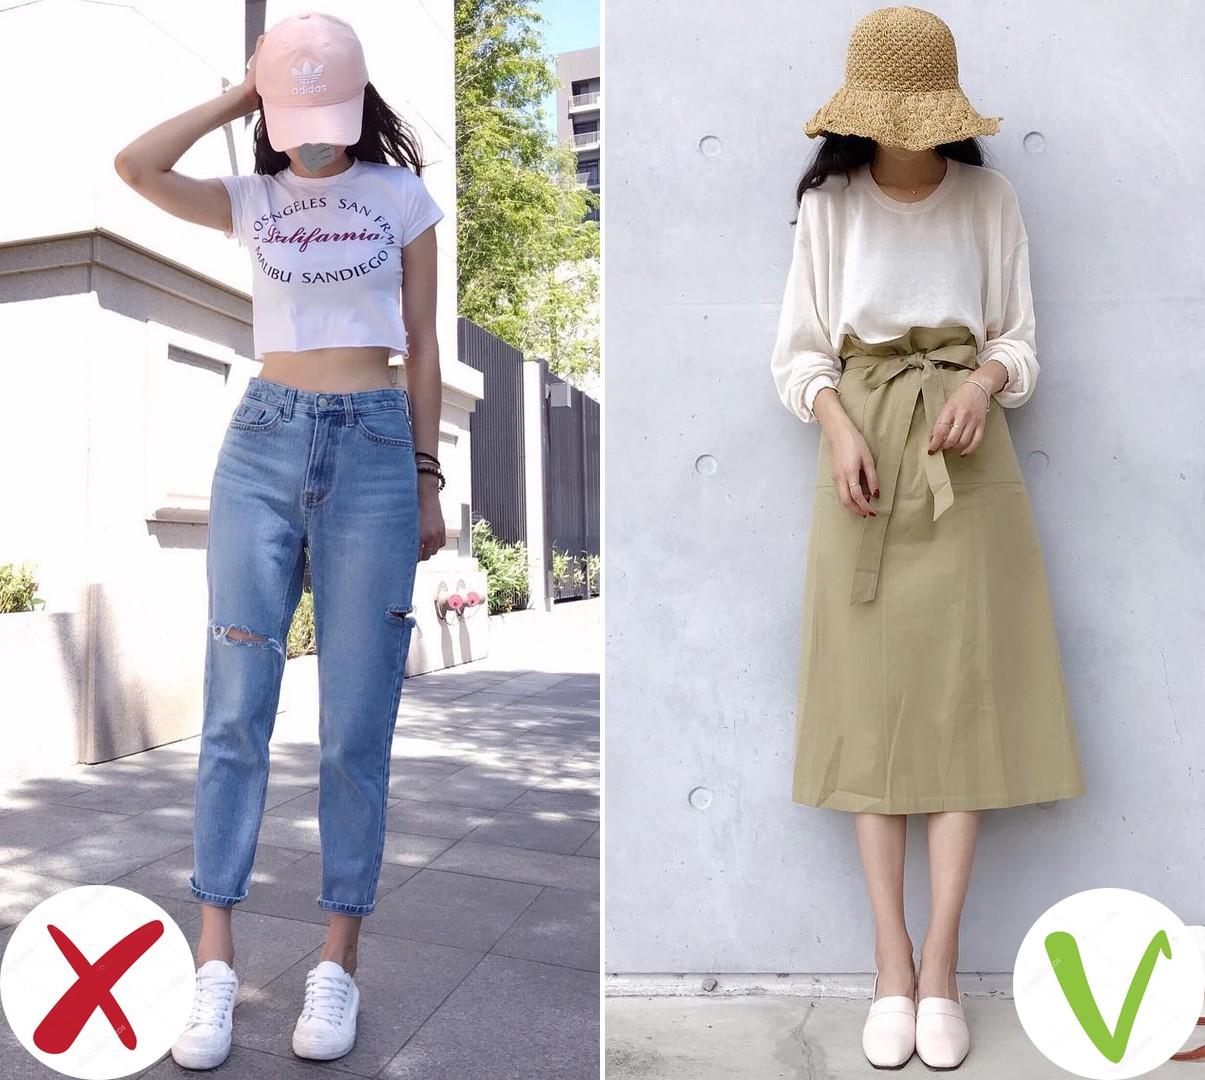 5 loại trang phục nên và không nên mặc tới công sở mà chị em nào cũng nên biết - Ảnh 2